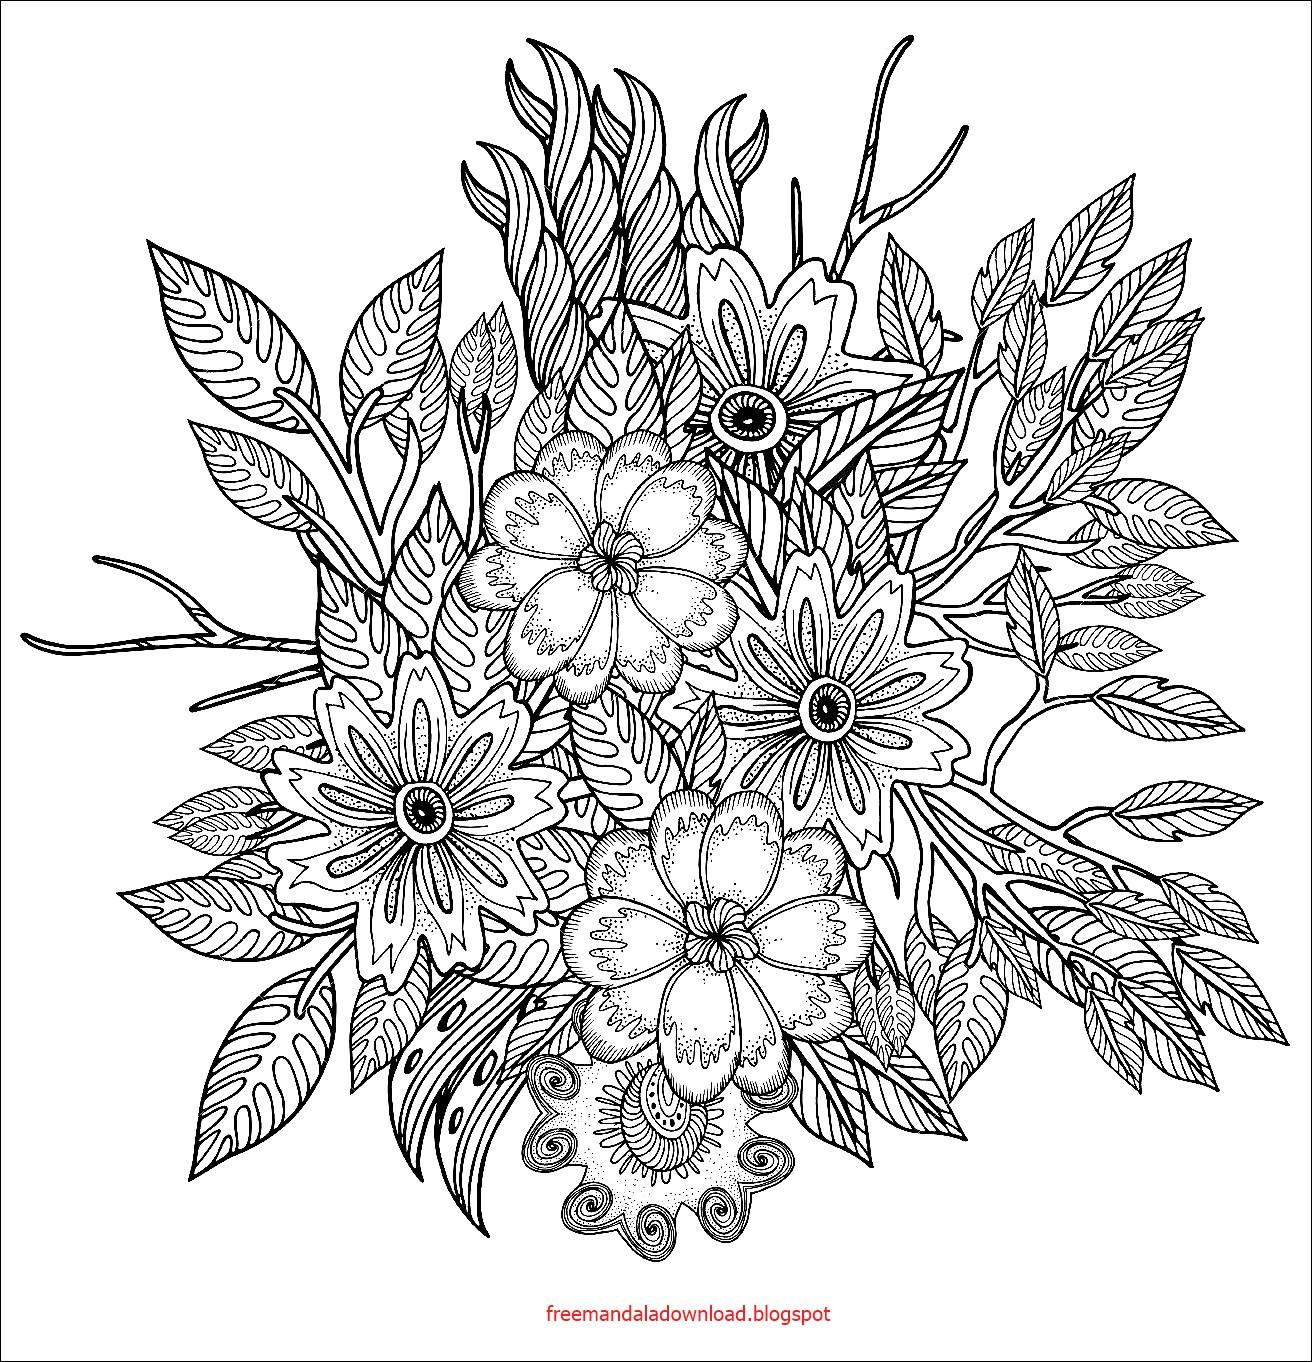 Disney Ausmalbilder Für Erwachsene Frisch Malbuch Für Erwachsene Zum Ausdrucken Free Mandala Bild